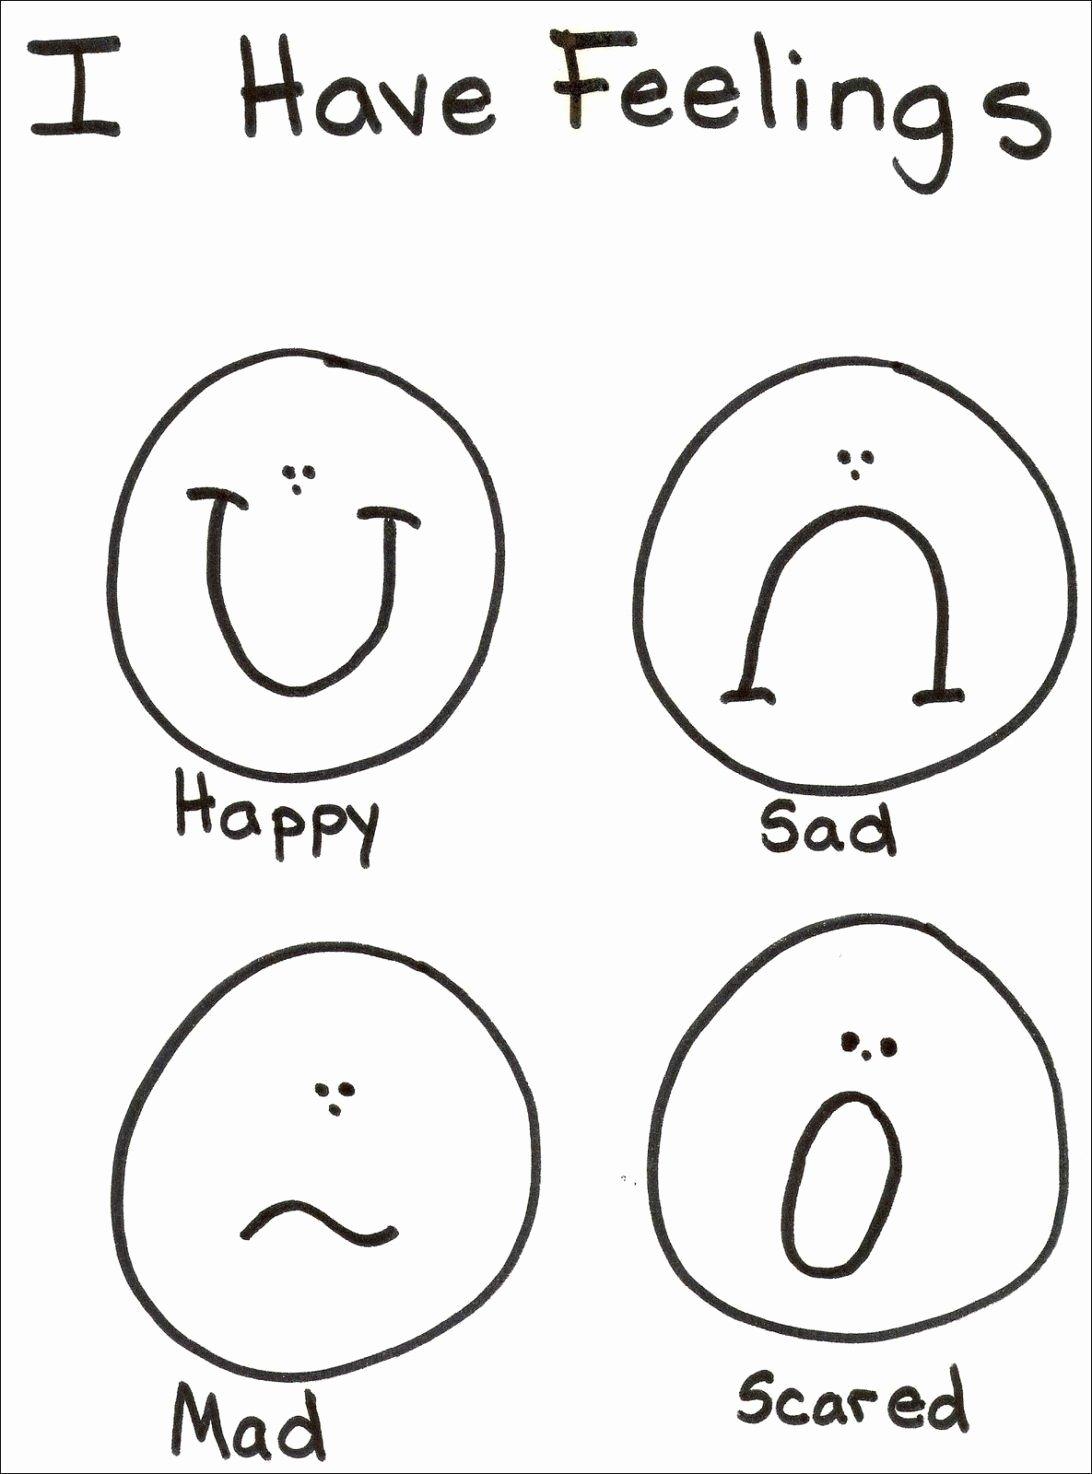 Emotions Worksheets for Preschoolers Ideas Feelings and Emotions Worksheets Printable top 12 Fantastic